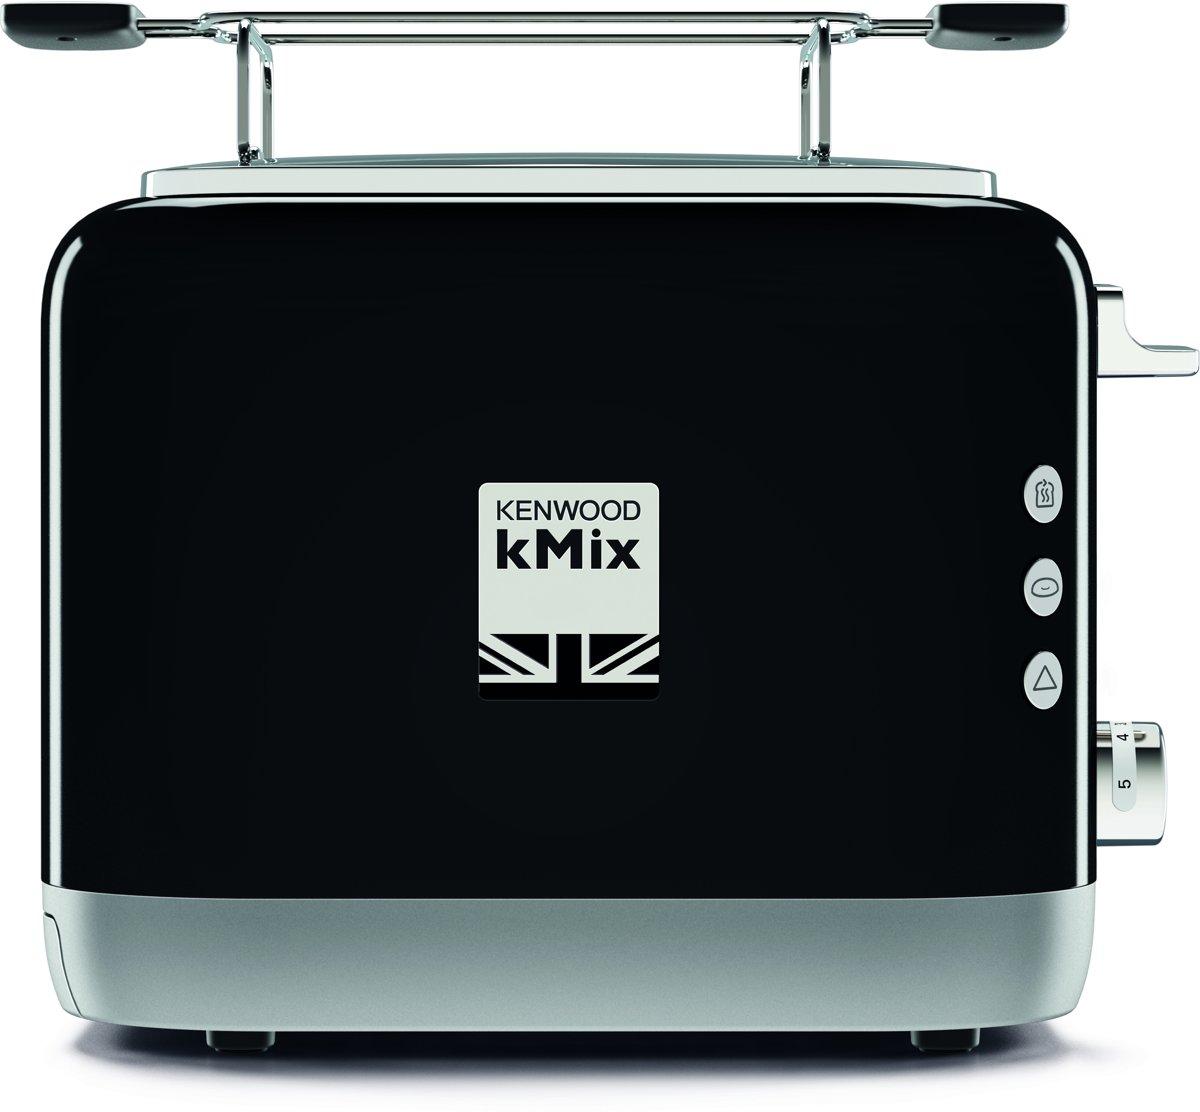 Kenwood kMix TCX751BK Broodrooster - Zwart voor €59